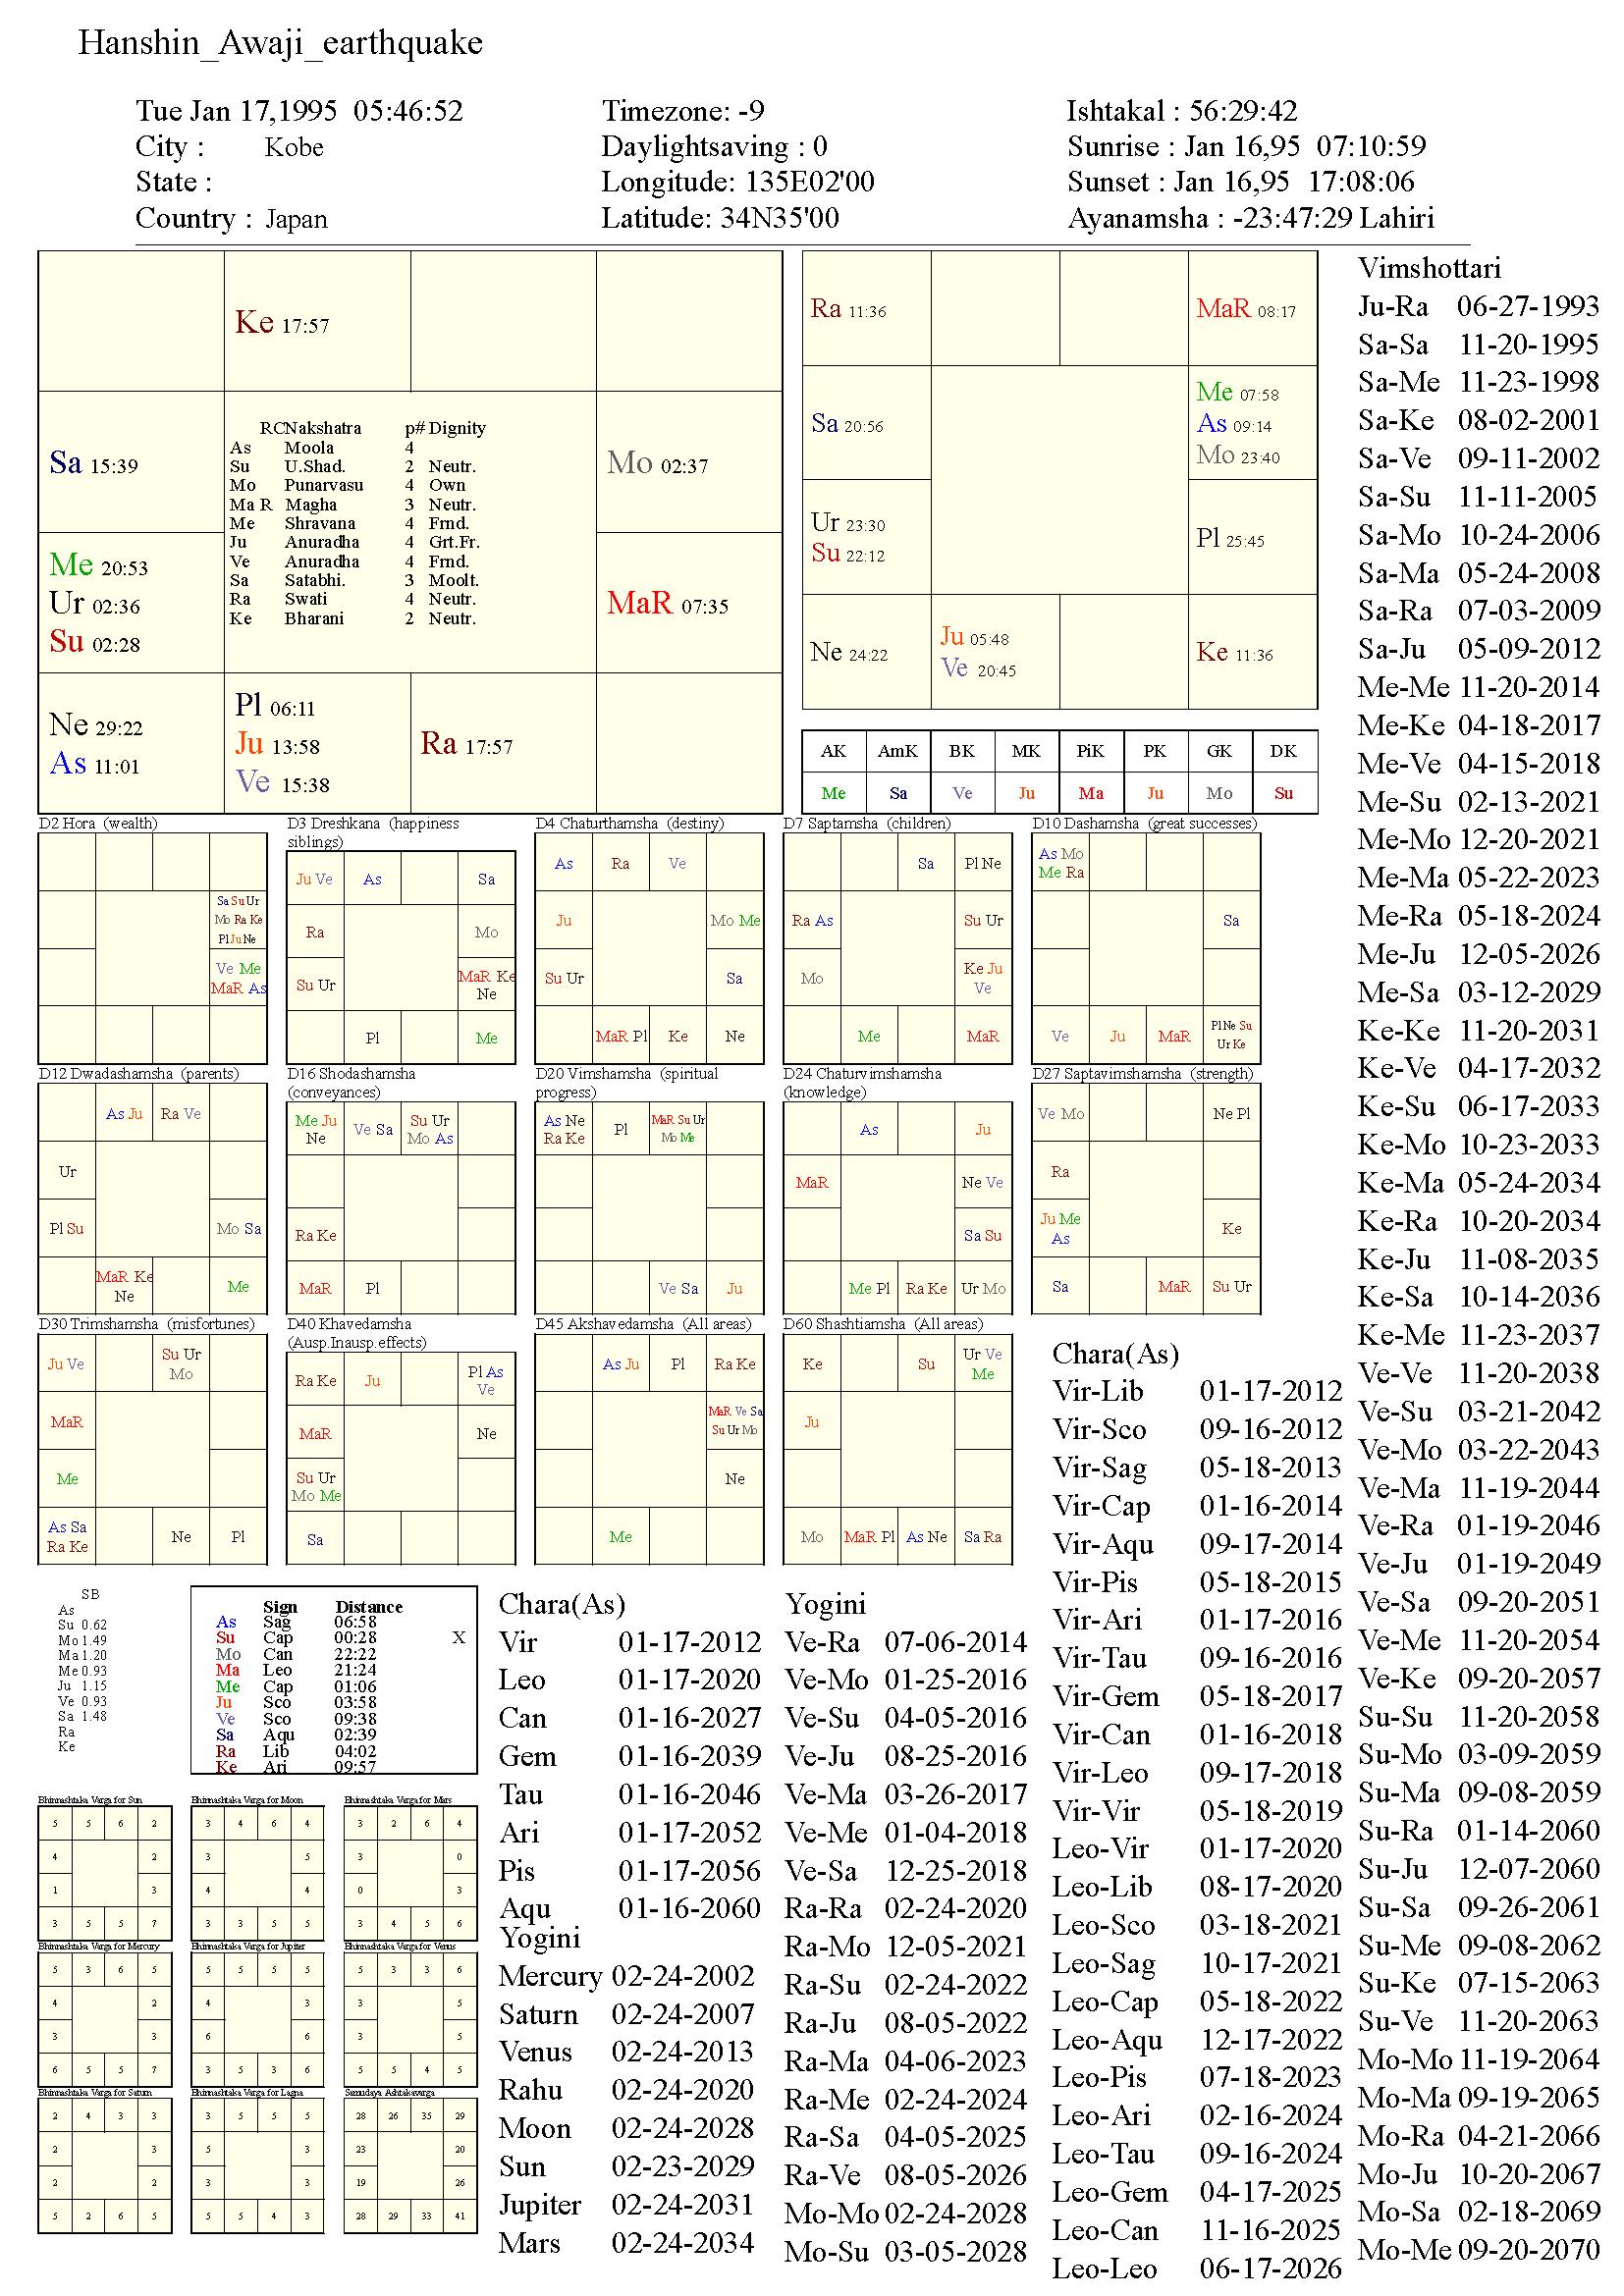 HanshinAwajiEarthquake_chart